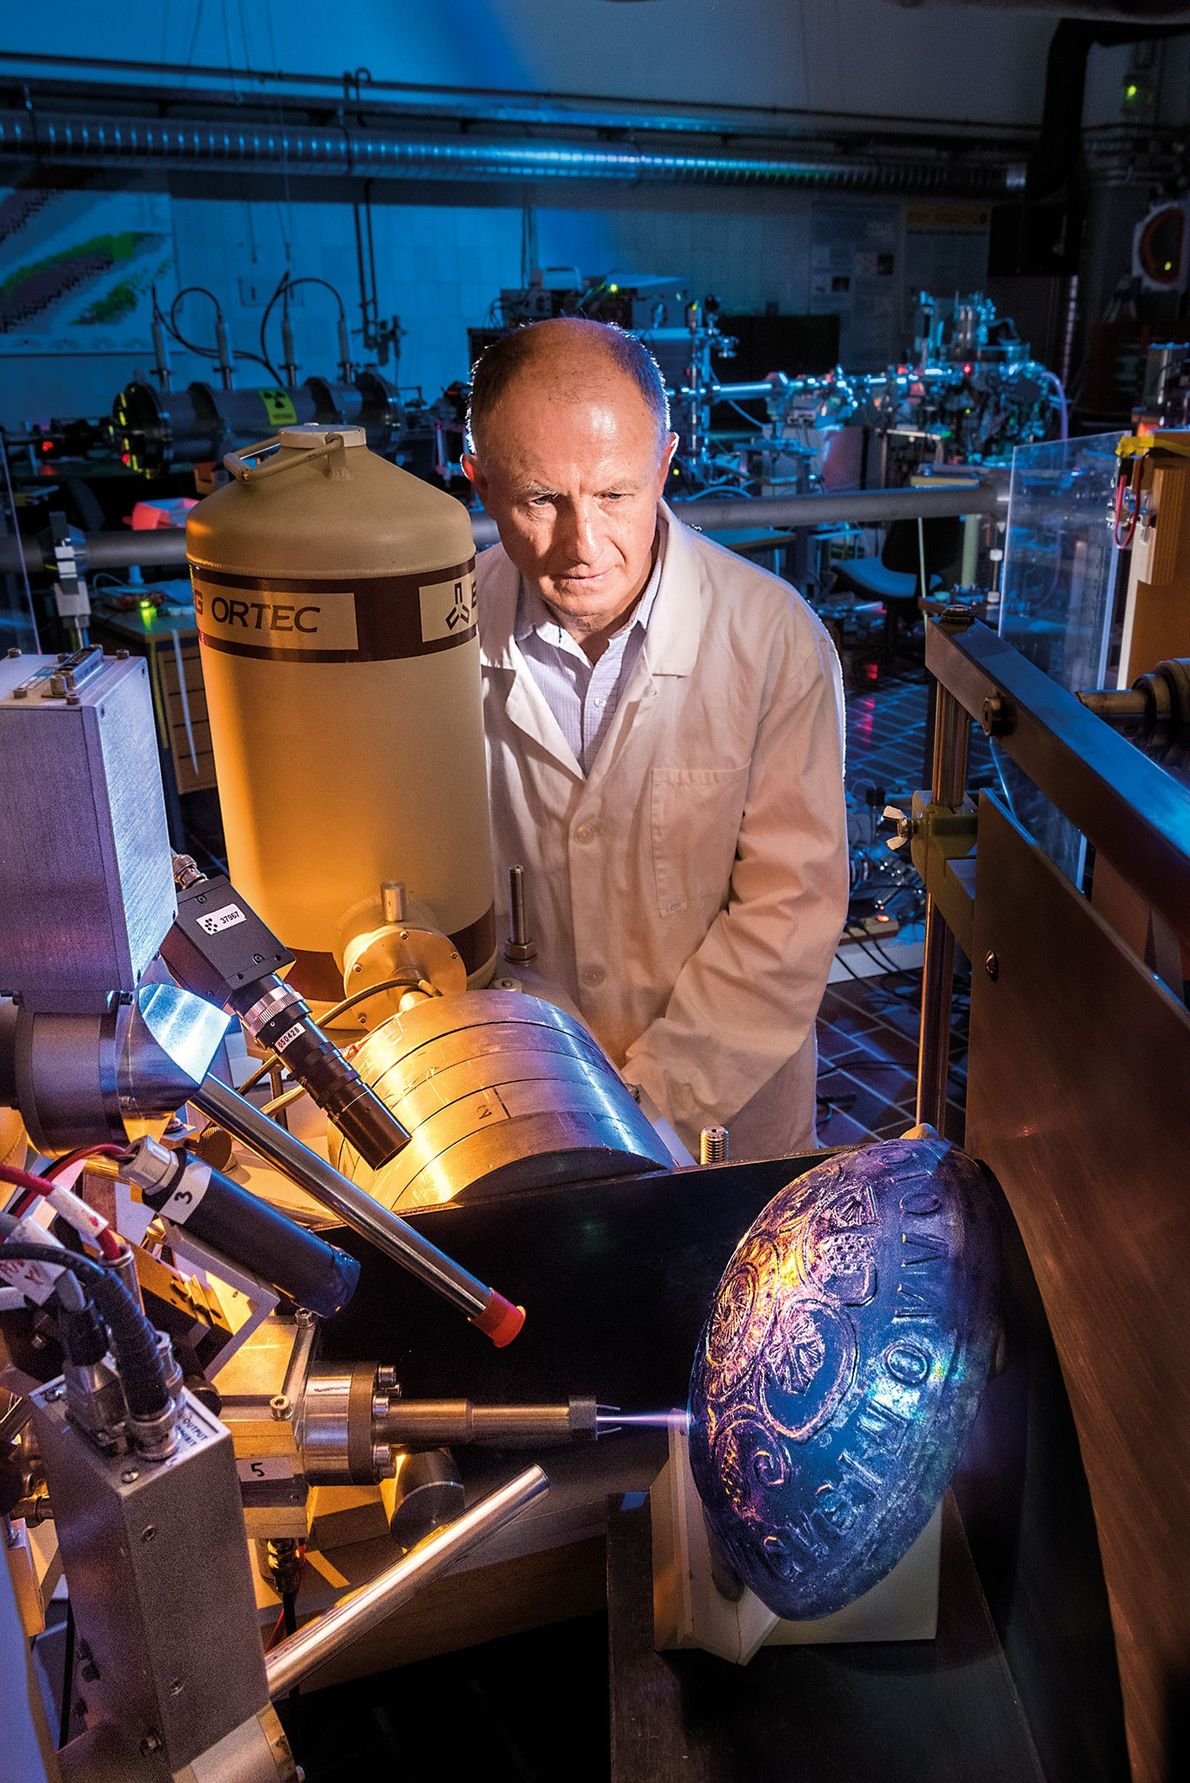 Le Dr. Žiga Šmit se tient à côté d'un accélérateur linéaire capable d'analyser la composition chimique ...